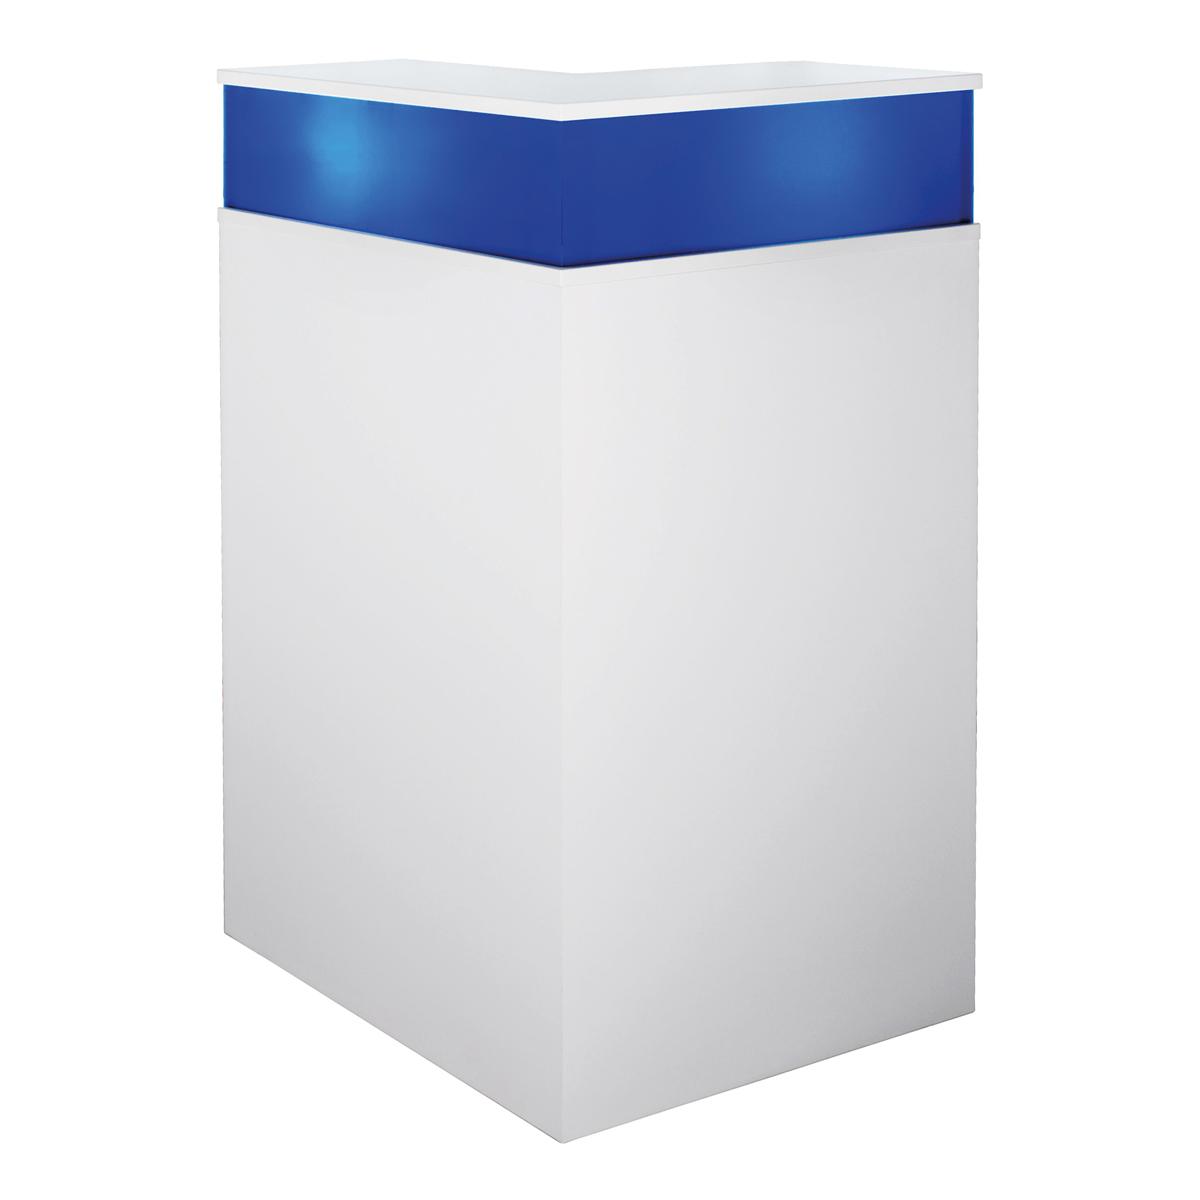 Theke Bianco Eckteil, blau